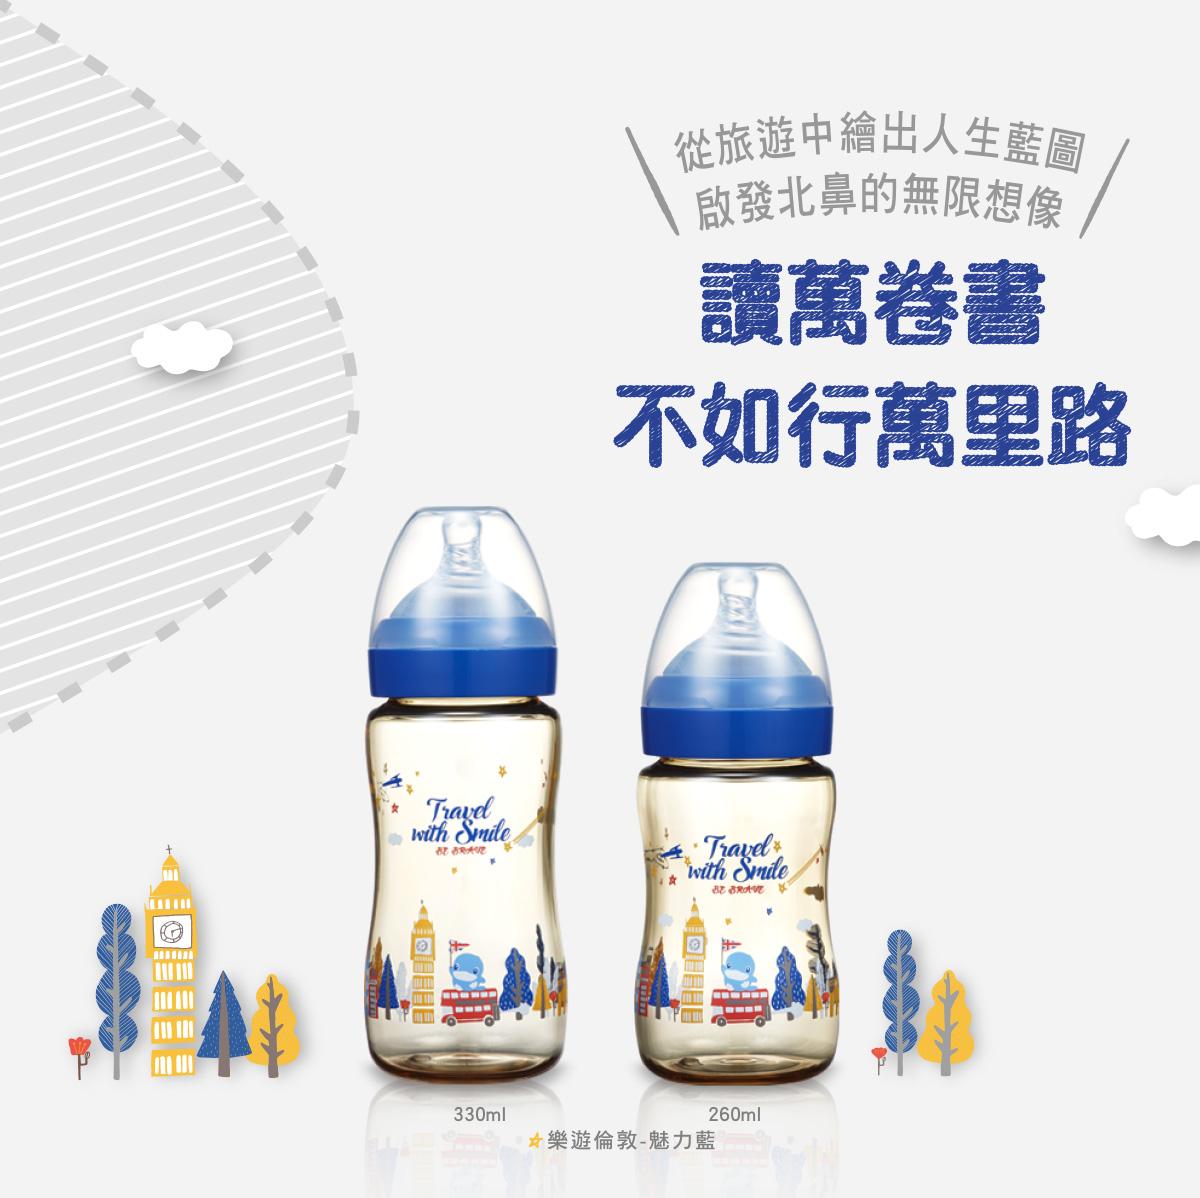 proimages/bottles/PPSU/5874/5874-樂遊倫敦PPSU奶瓶-EDM-13.jpg